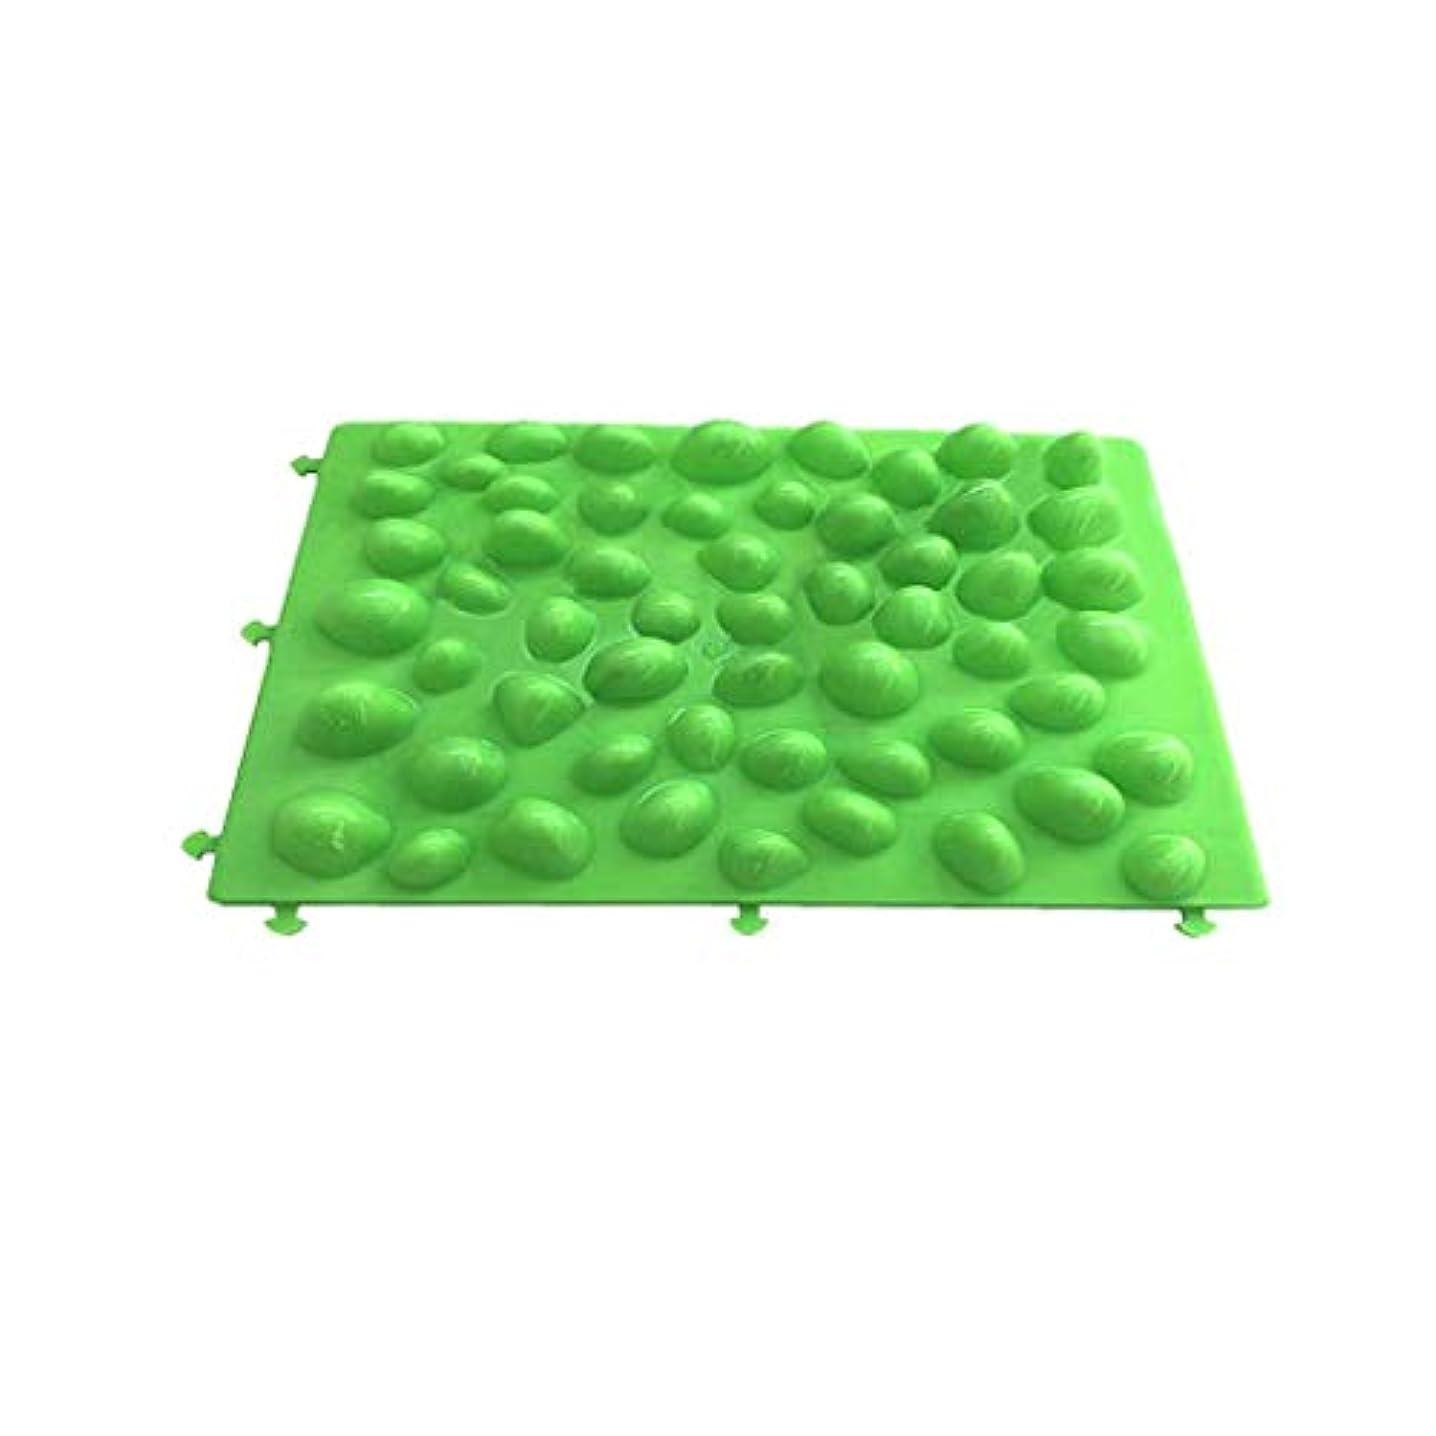 変化する人口決定足つぼマット 足裏マッサージ フットマッサージ 足/もも/背中などに対応 健康ボード 2枚セット (緑)